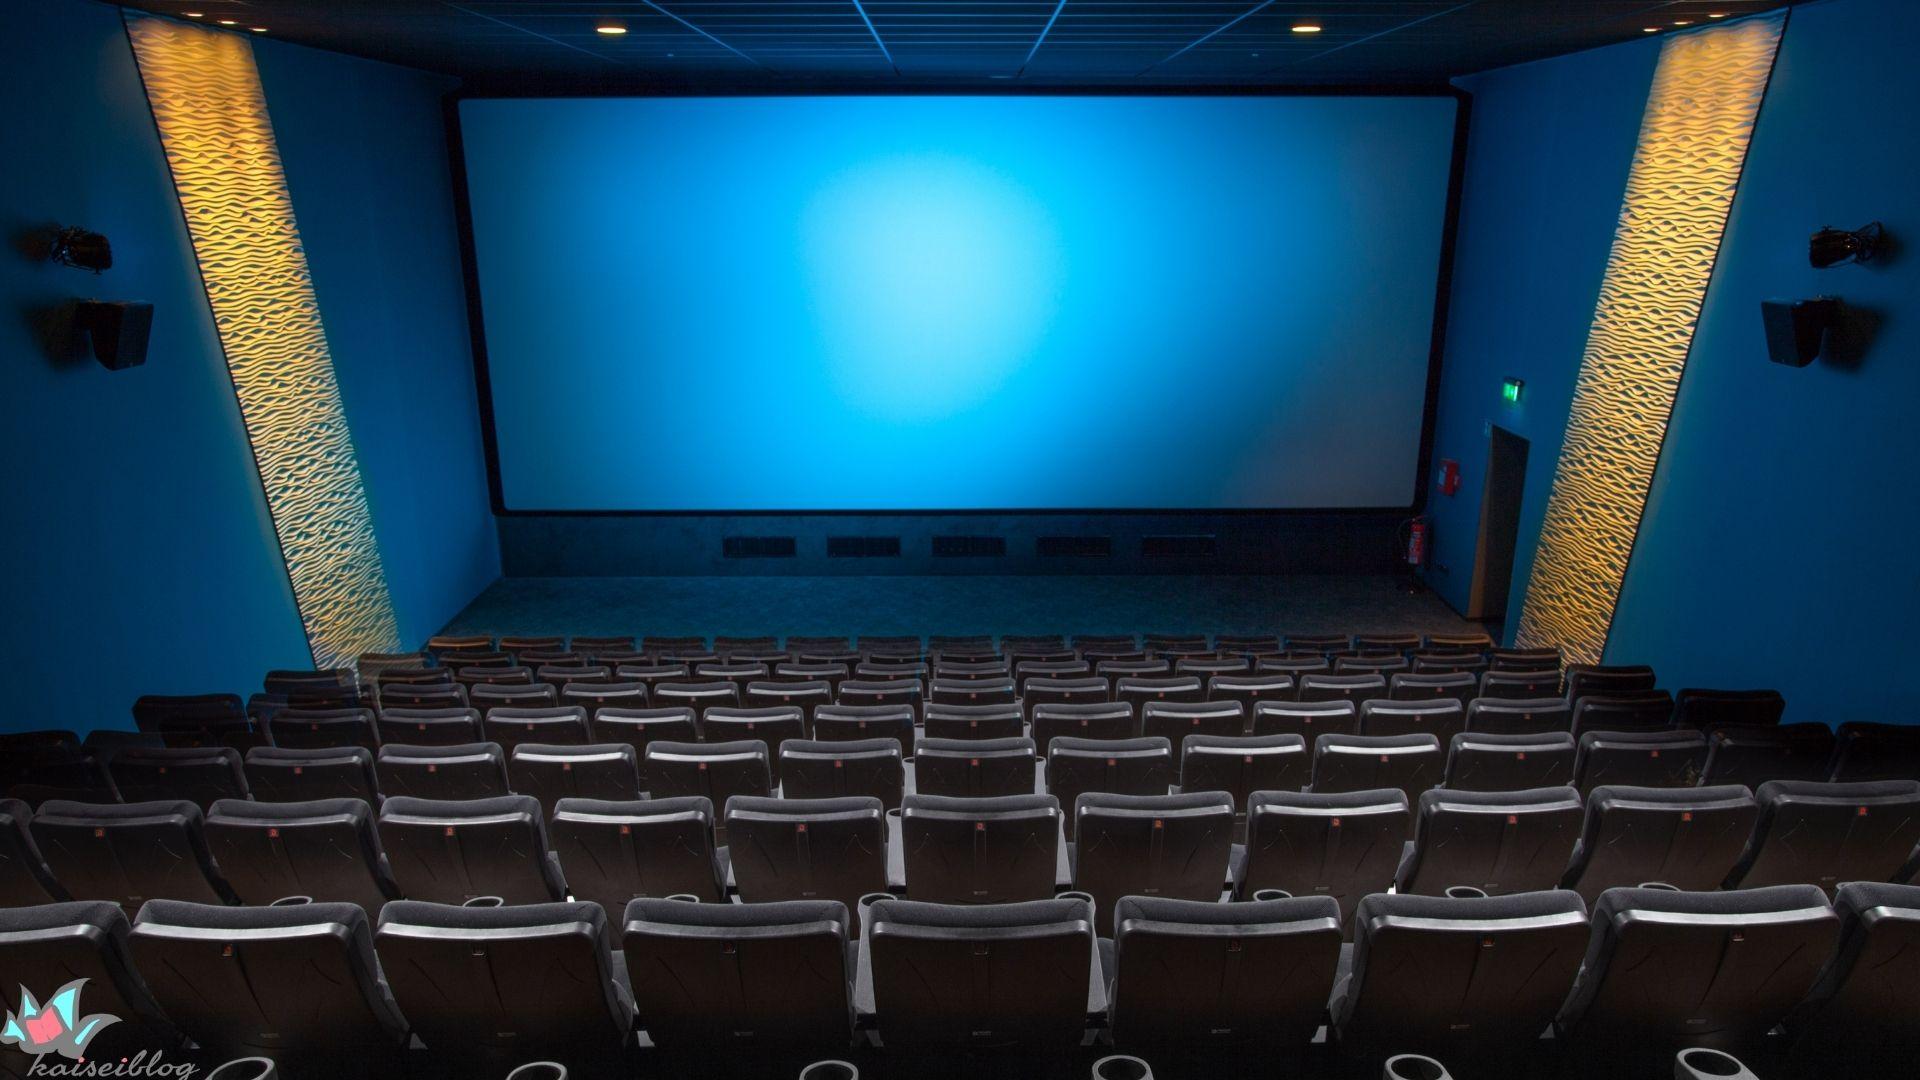 大学生 暇つぶし 映画館